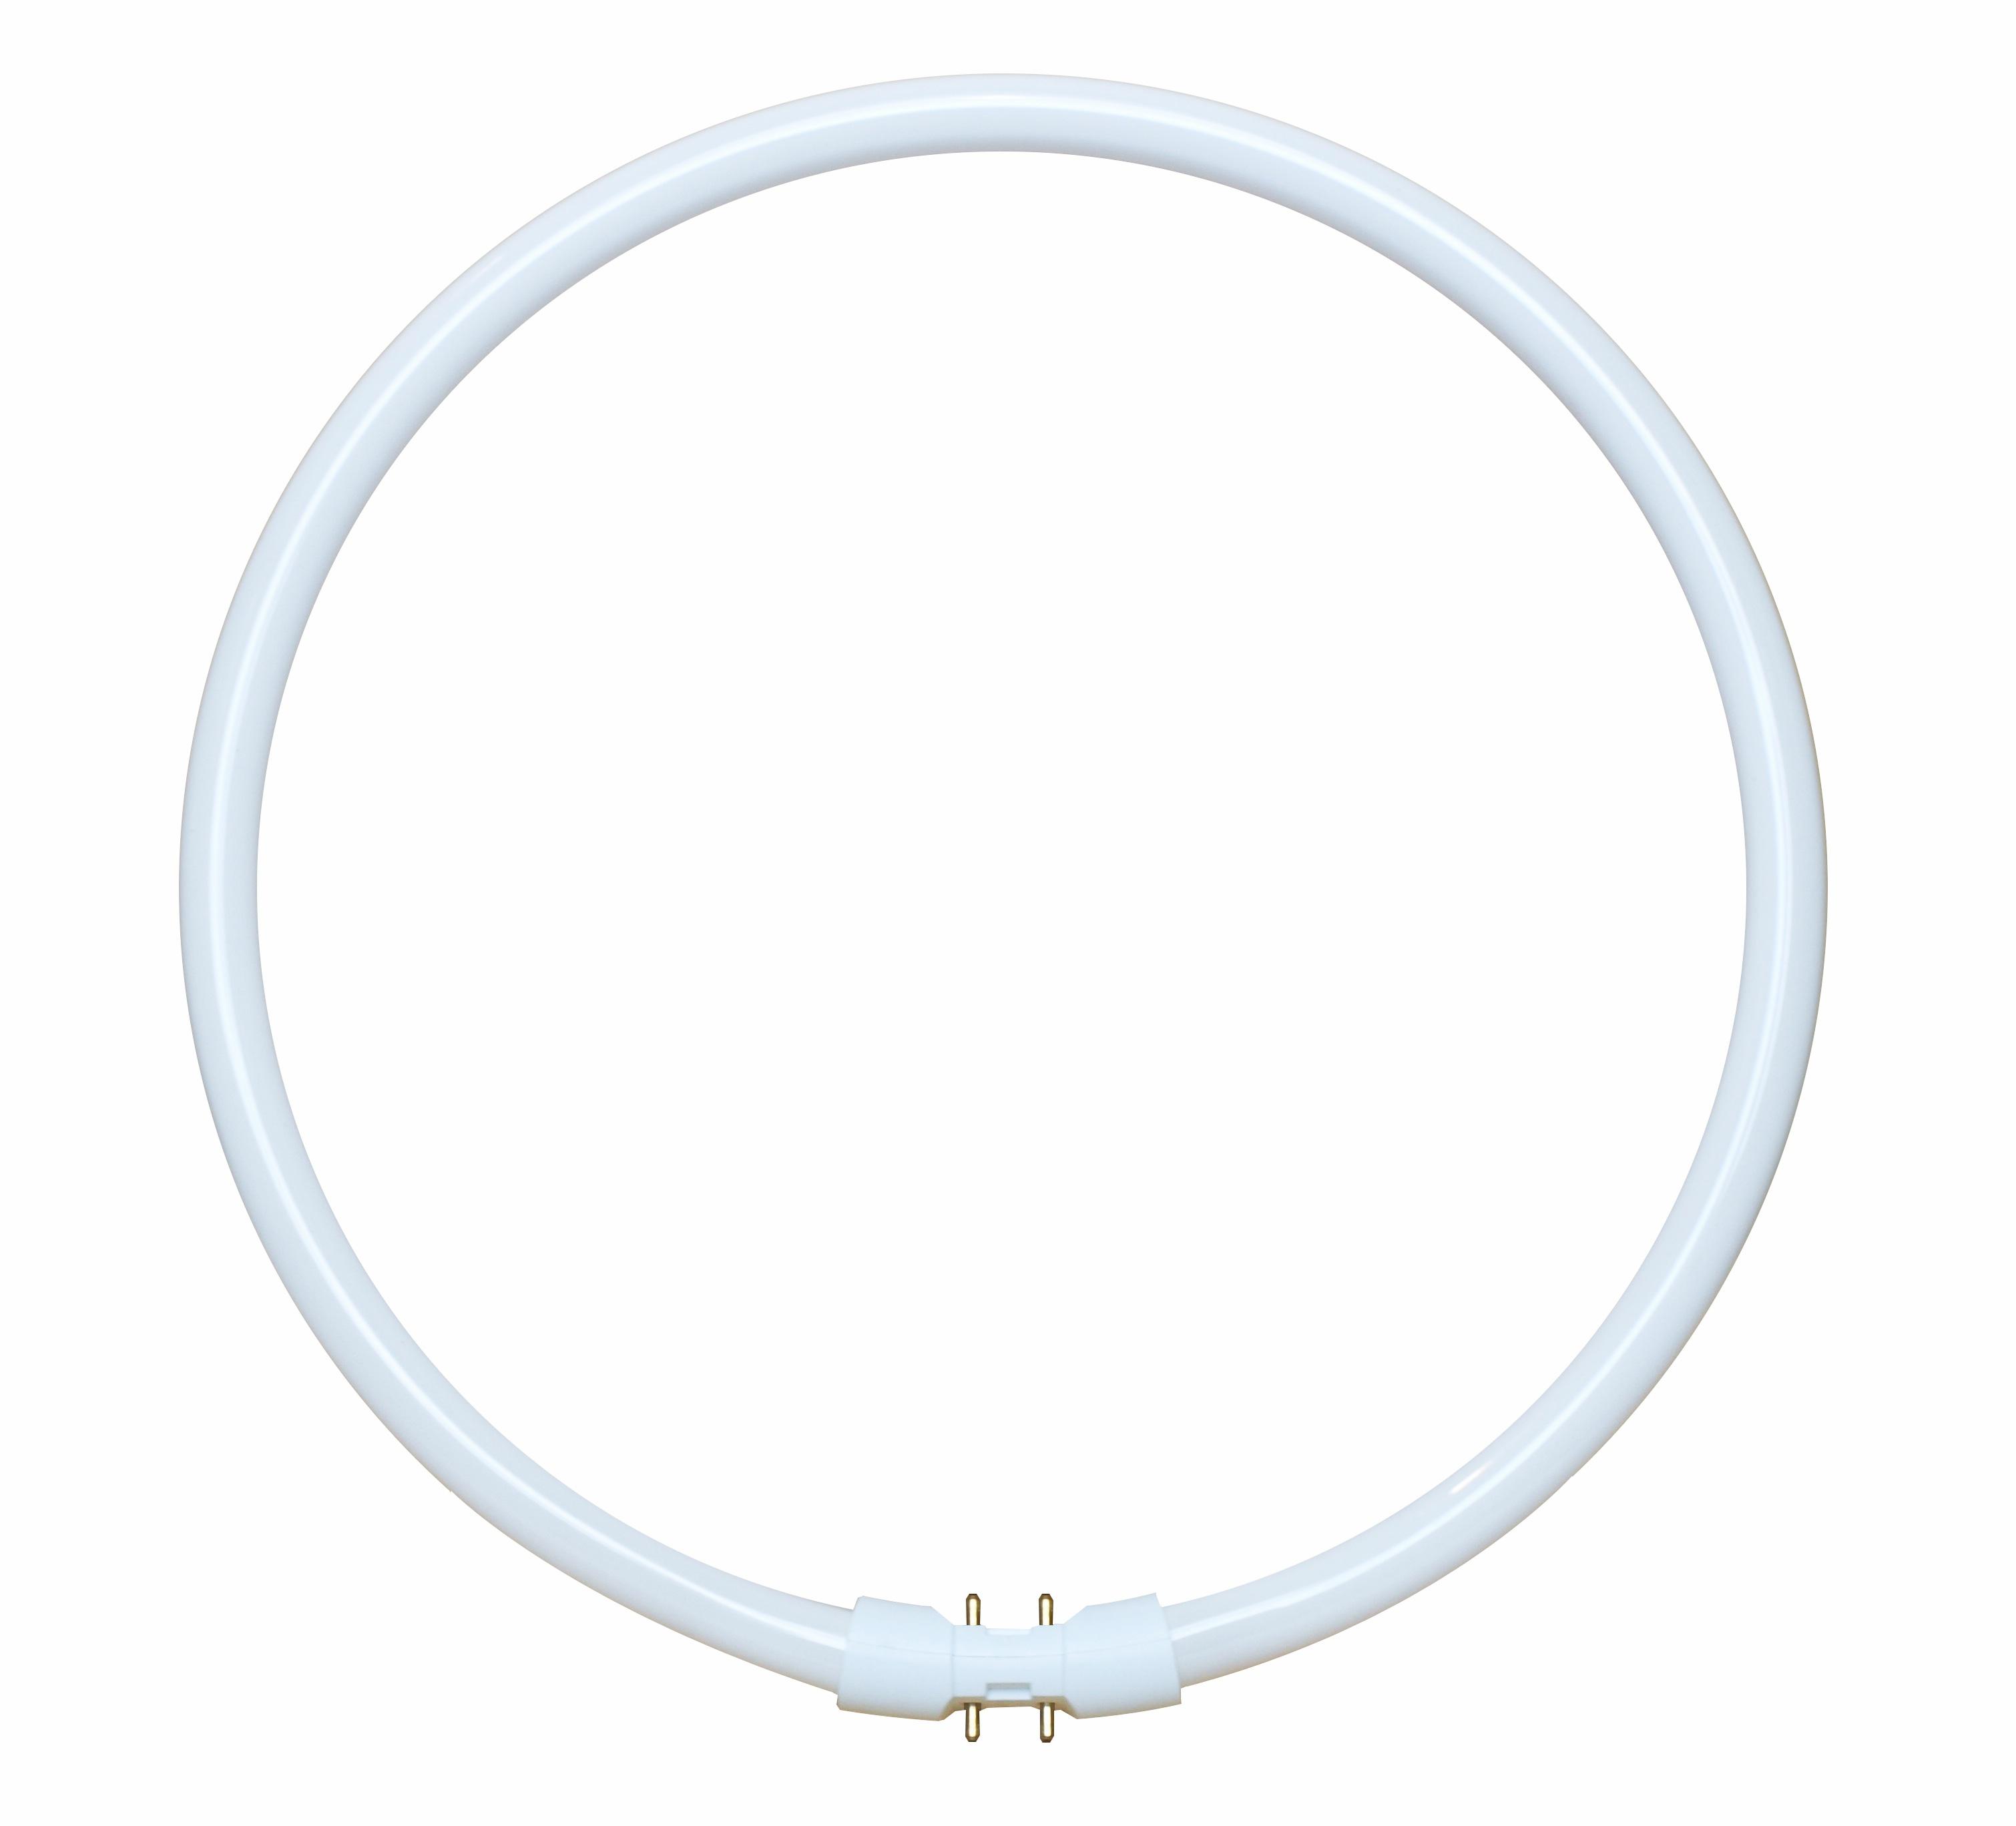 1 Stk T16-R 22W/830 2GX13 Leuchtstofflampe kreisförmig LI5W528489